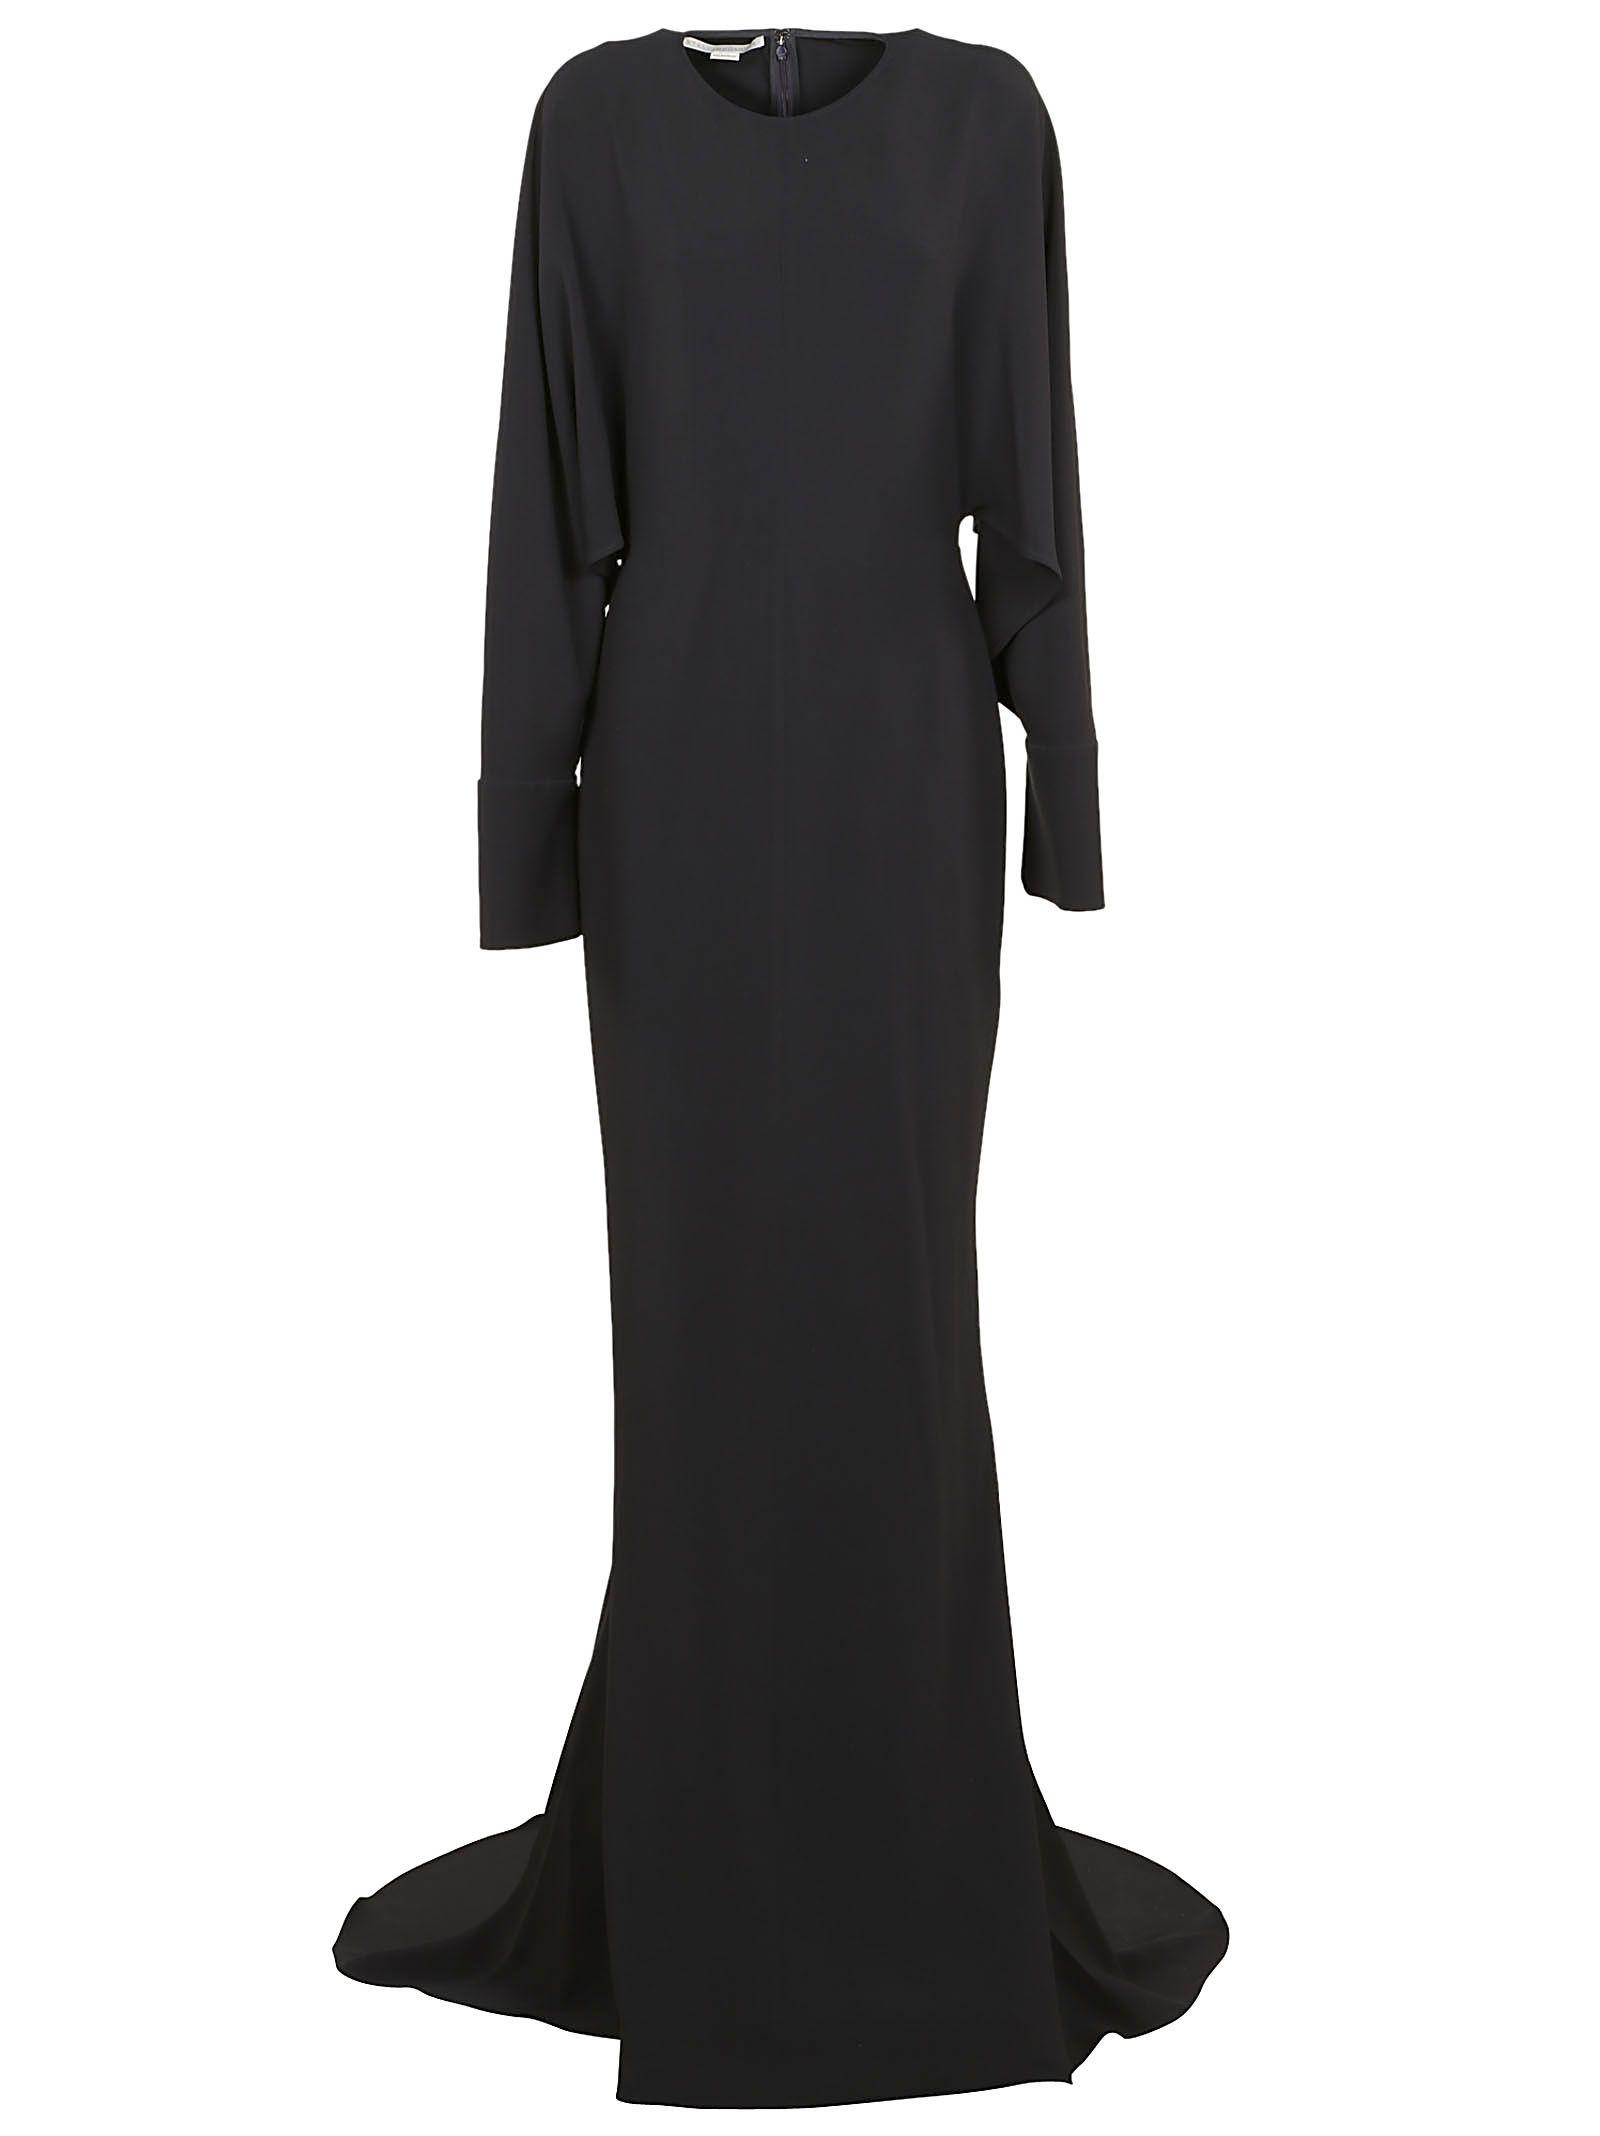 Stella Mccartney Full Length Dress